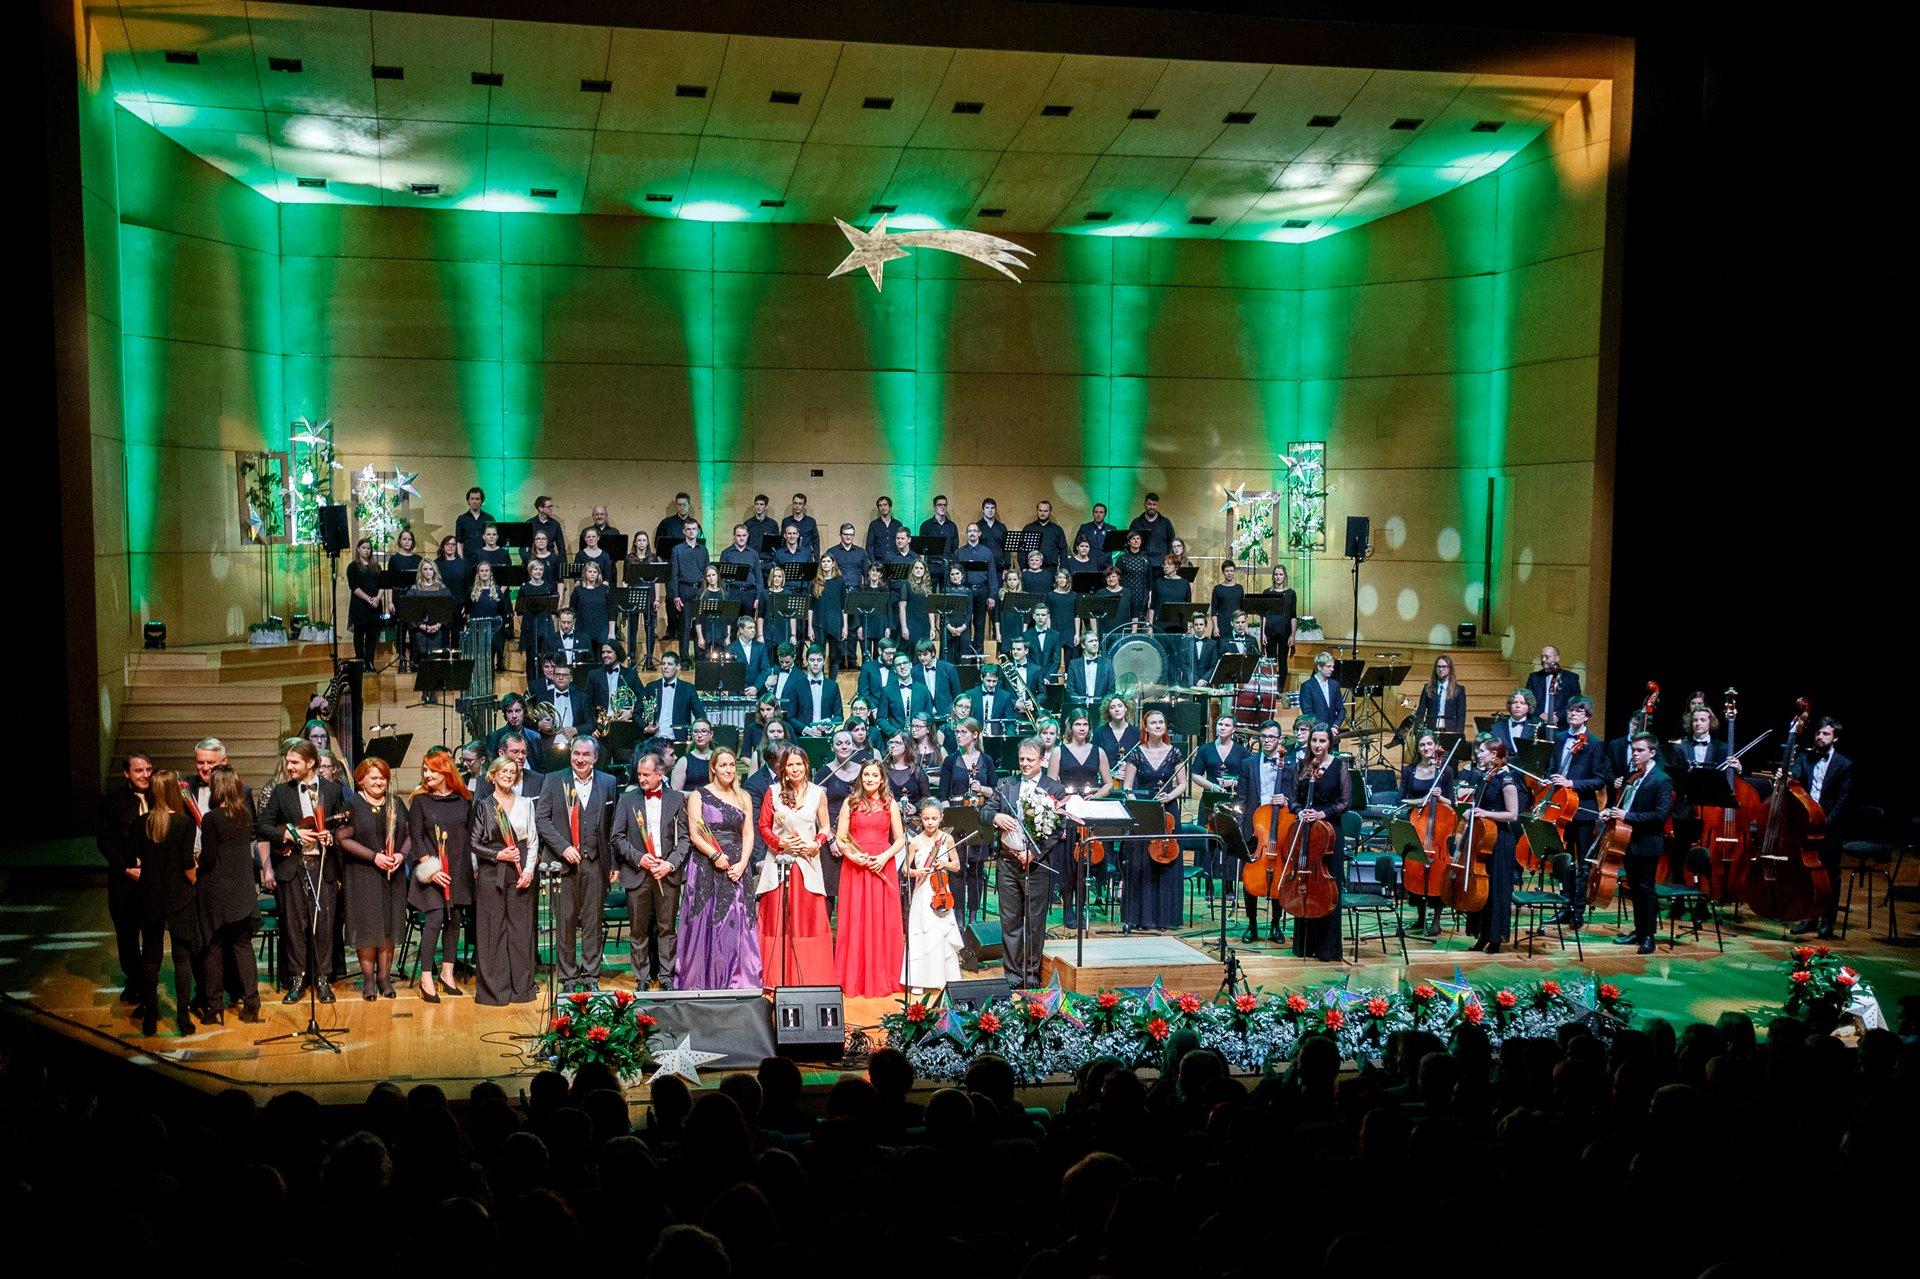 Gala novoletni koncert - Božič v Ljubljani